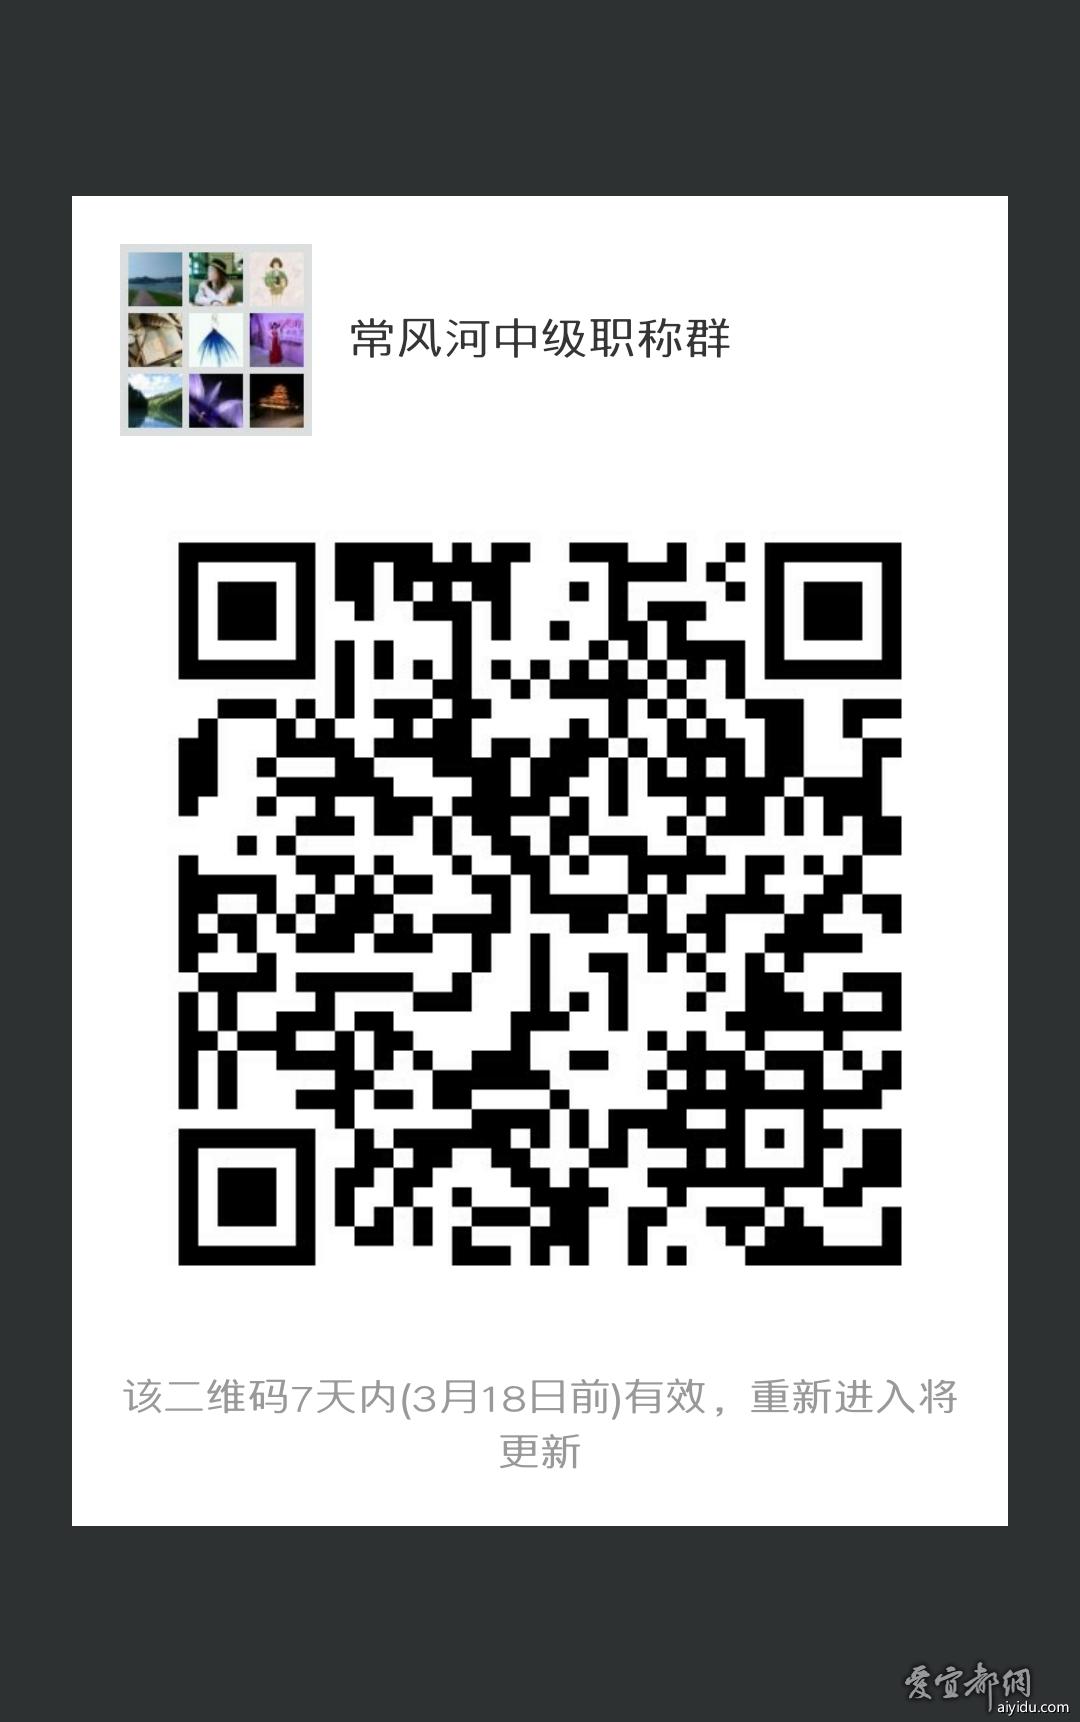 微信图片_20180311181222.png